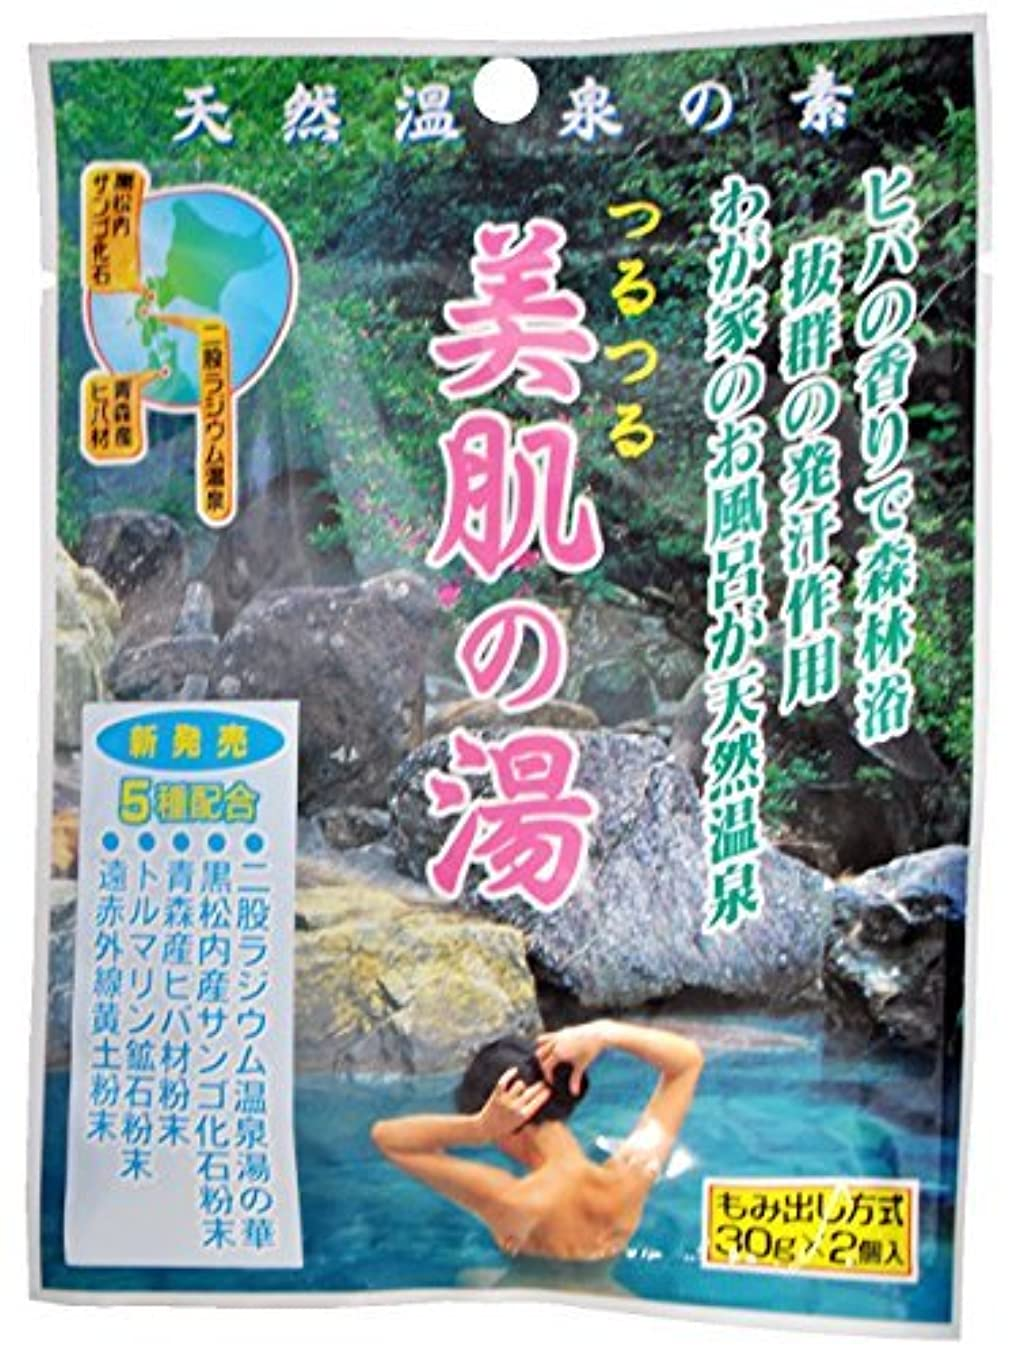 リレー芝生間違い【まとめ買い】天然成分入浴剤 つるつる 美肌の湯 2袋入 二股ラジウム温泉の湯の華 ×40個